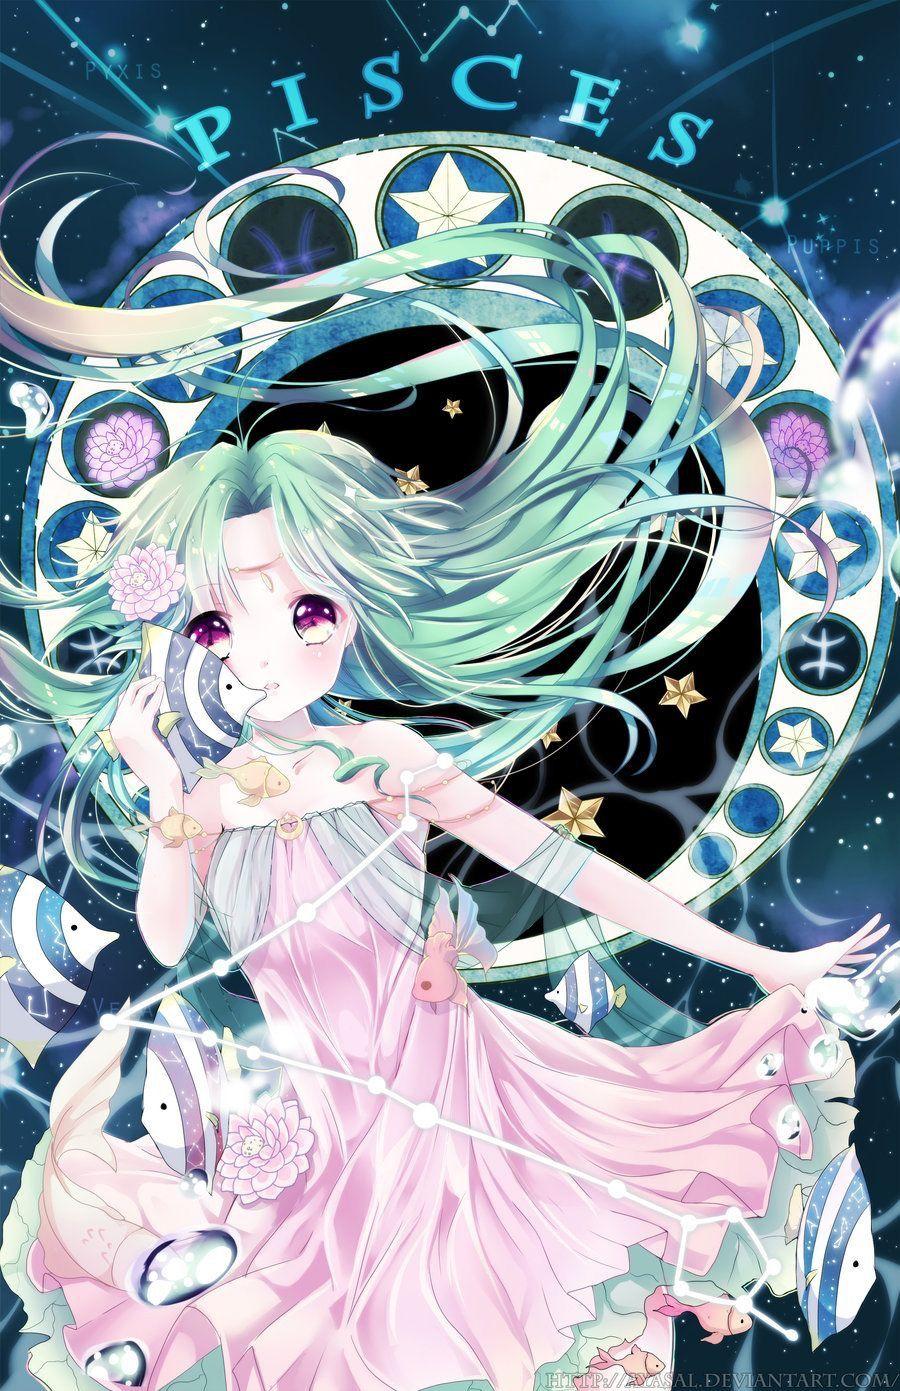 Pisces Lambang Zodiak Seni Anime Seni